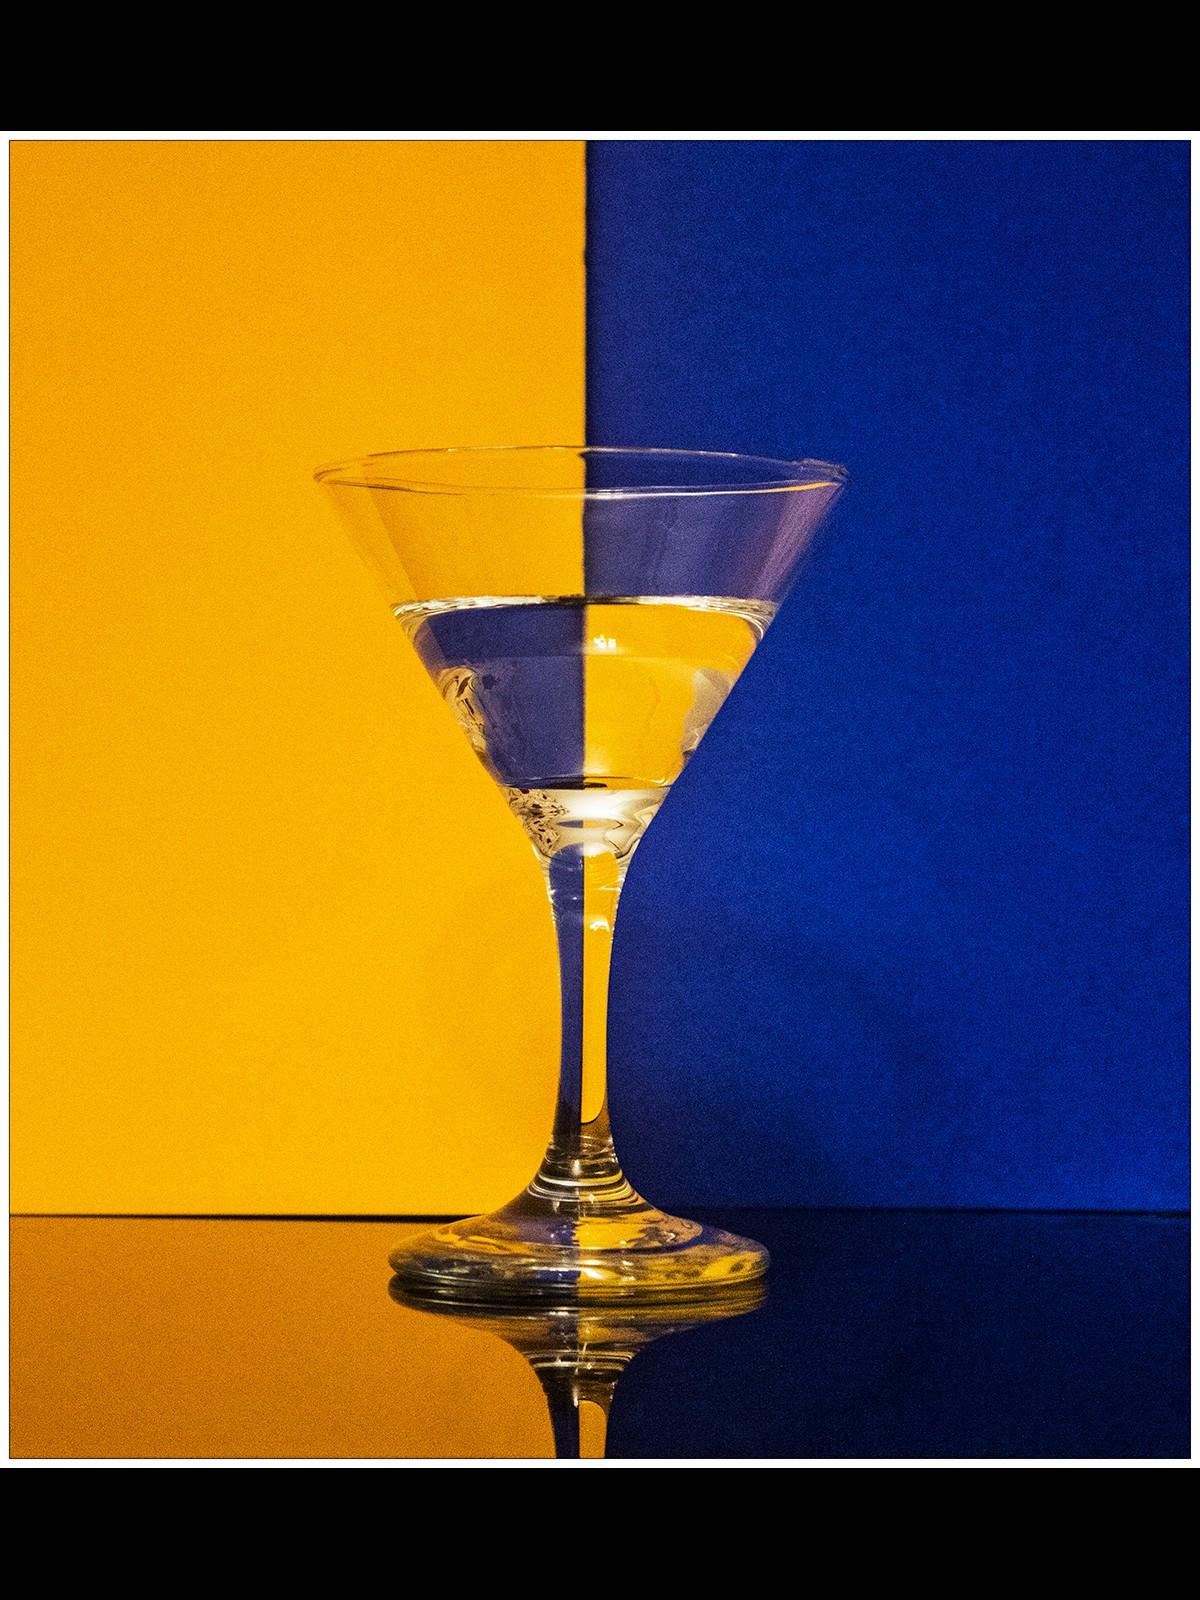 Reversed pattern in wine glass